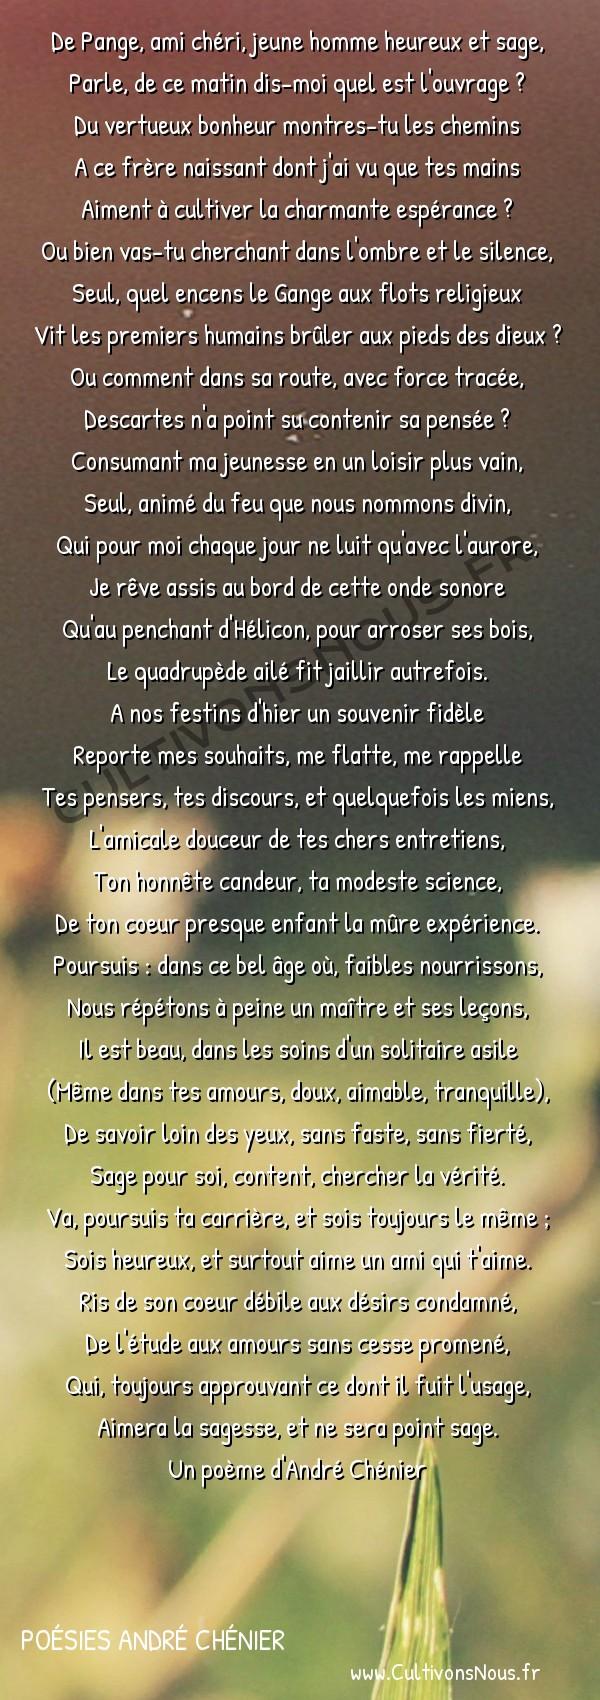 Poésies André Chénier - Epîtres - A de Pange aîné -  De Pange, ami chéri, jeune homme heureux et sage, Parle, de ce matin dis-moi quel est l'ouvrage ?